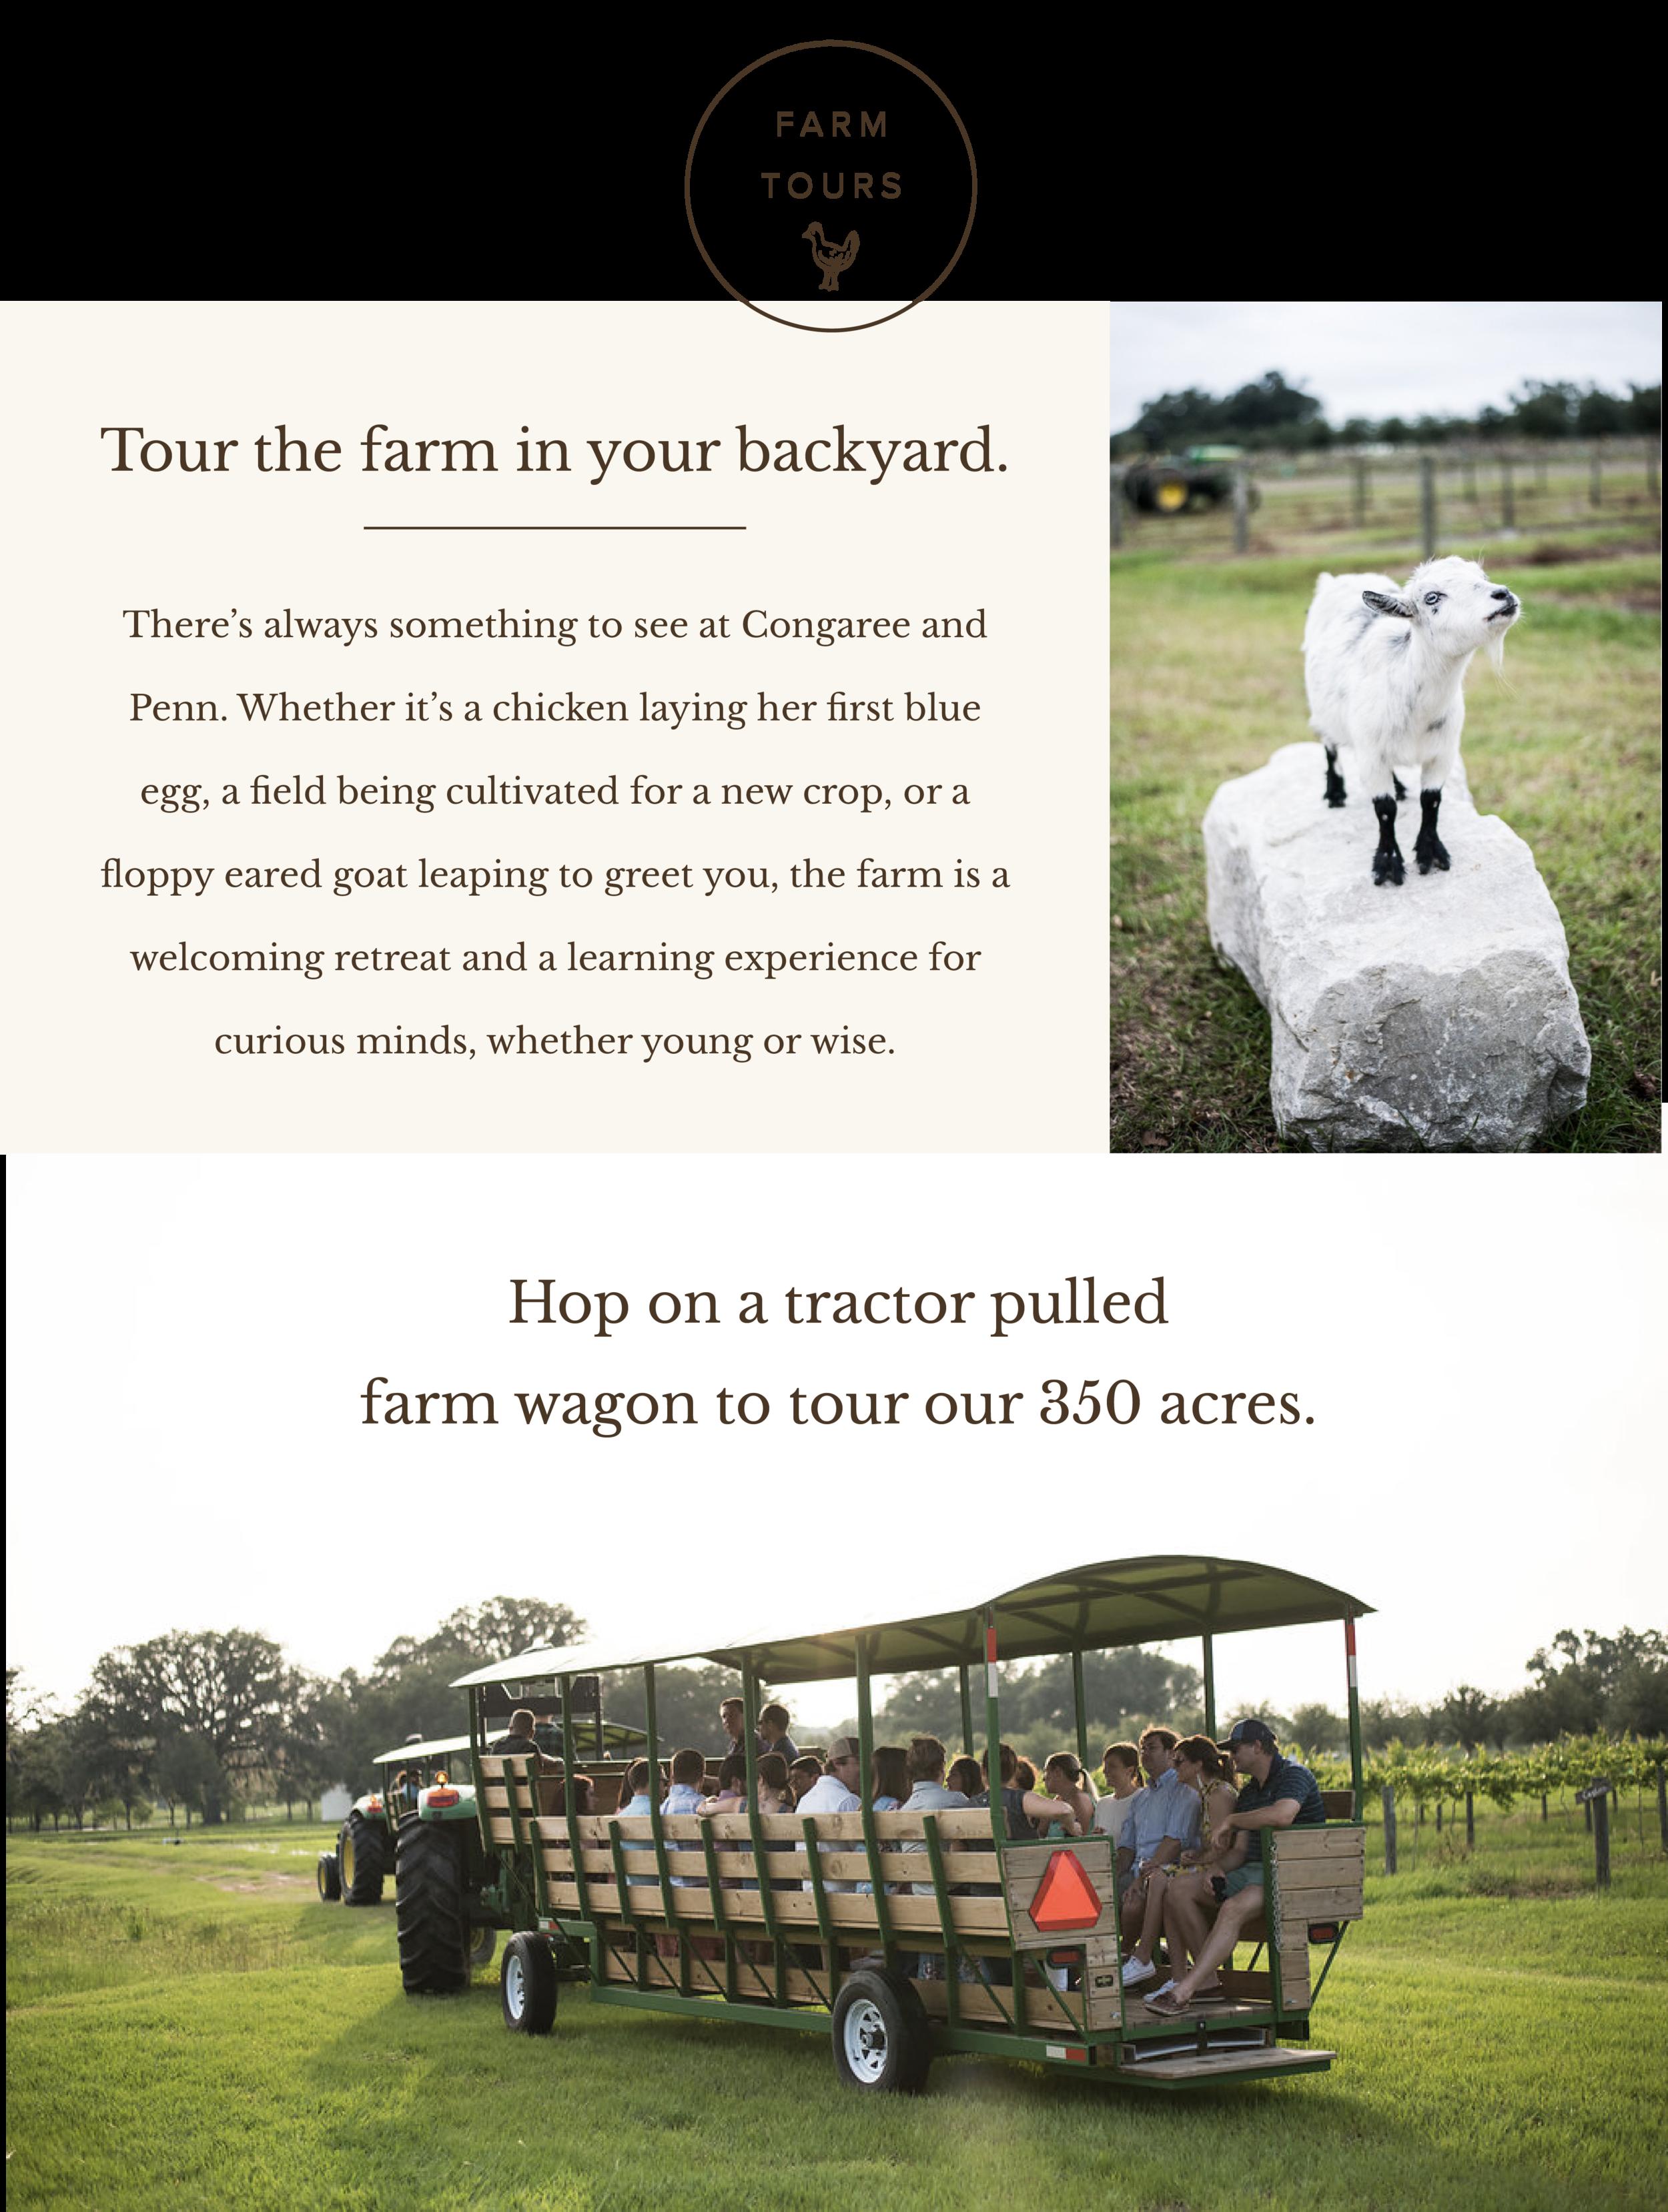 FarmTours-02.png